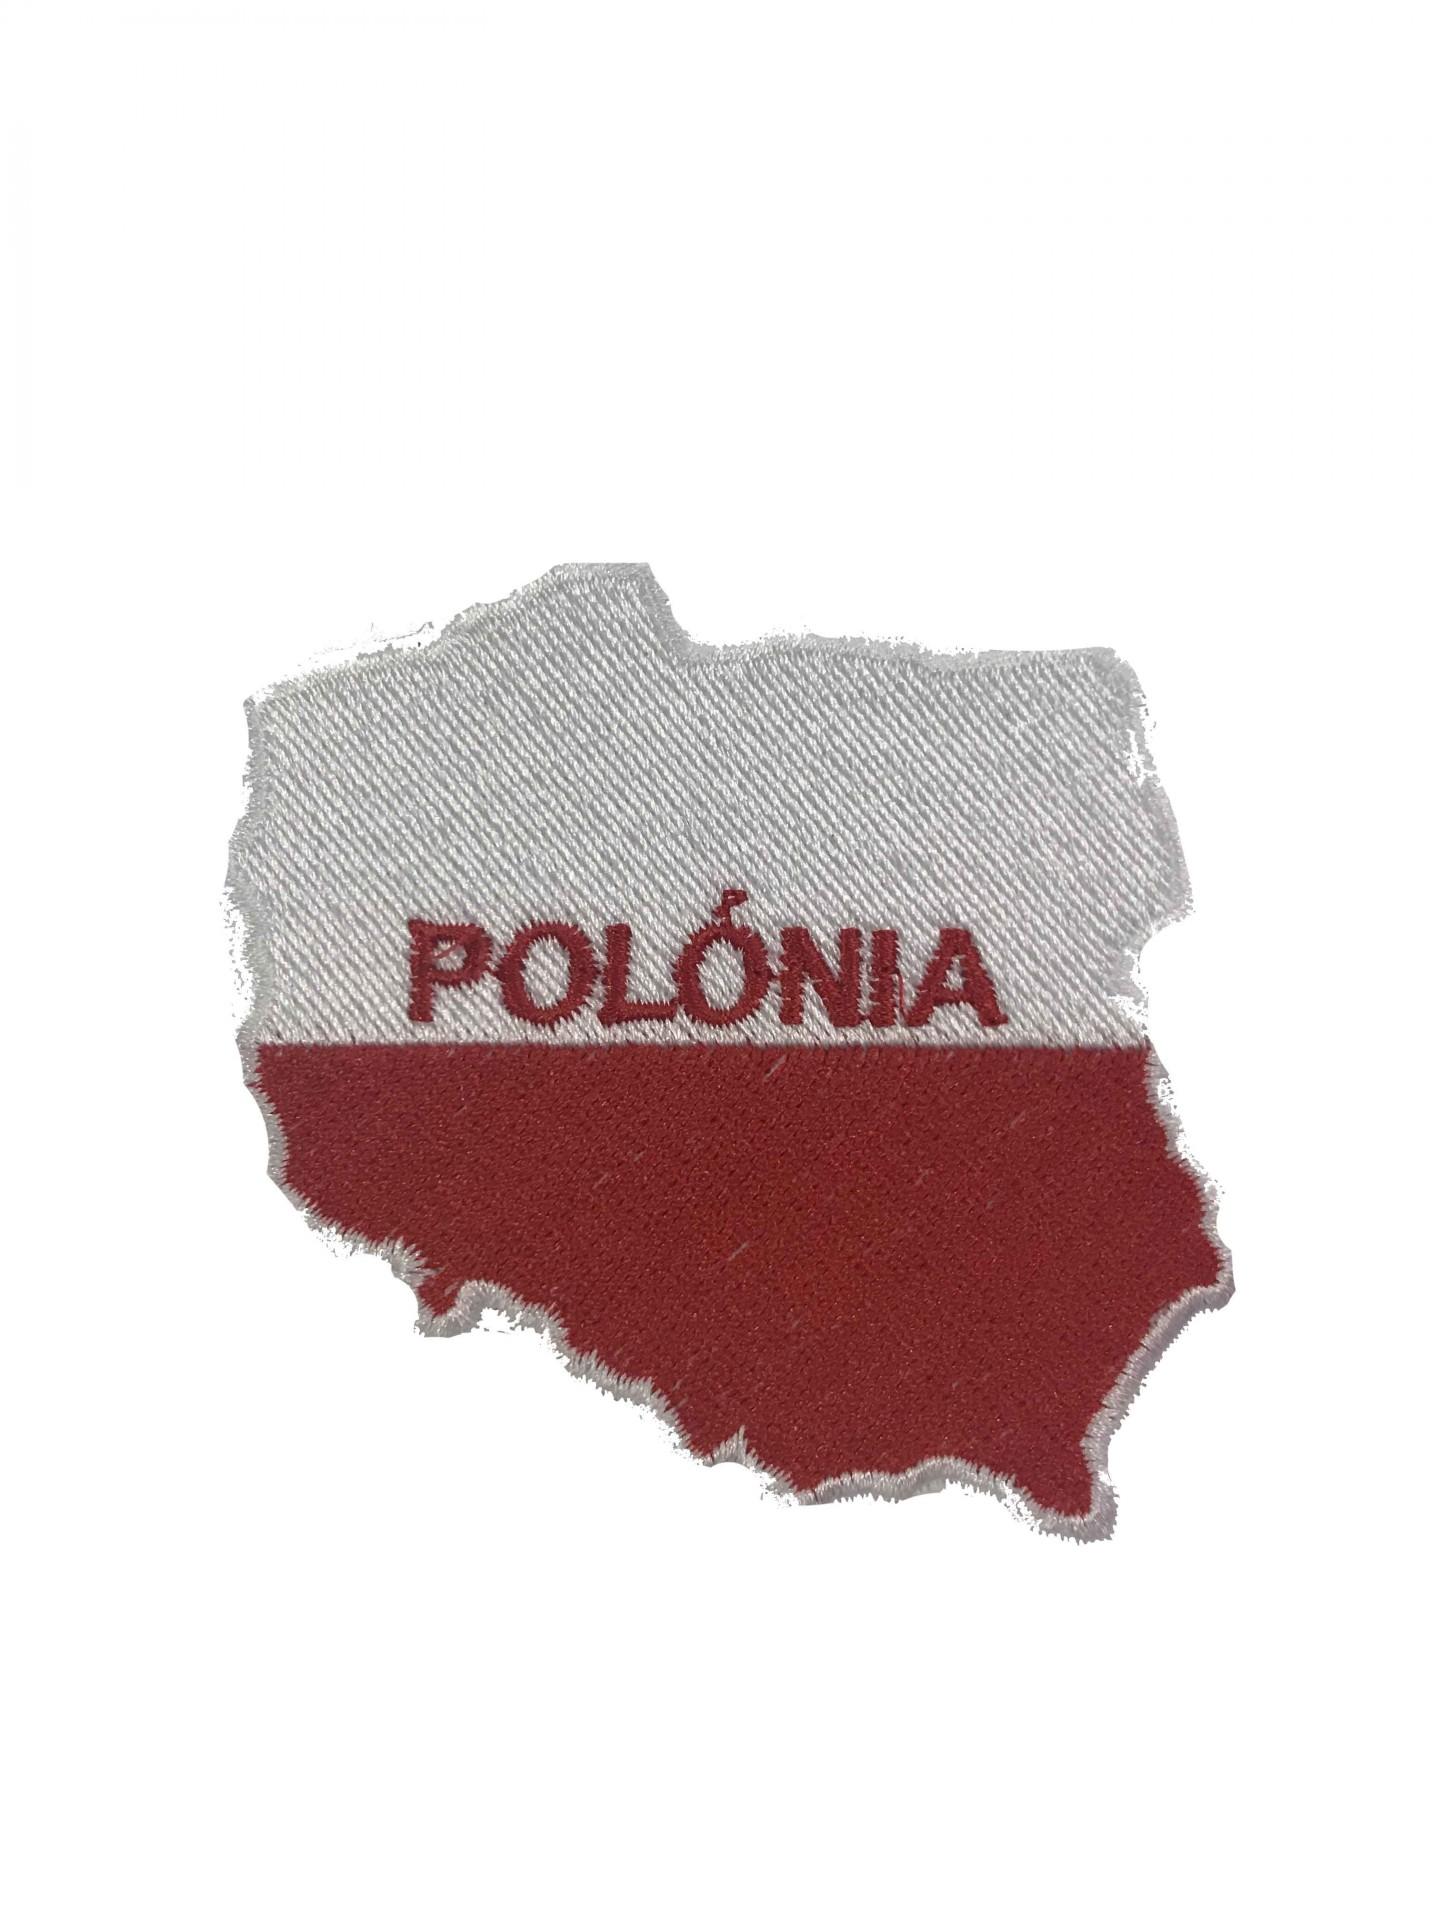 Emblema Polónia